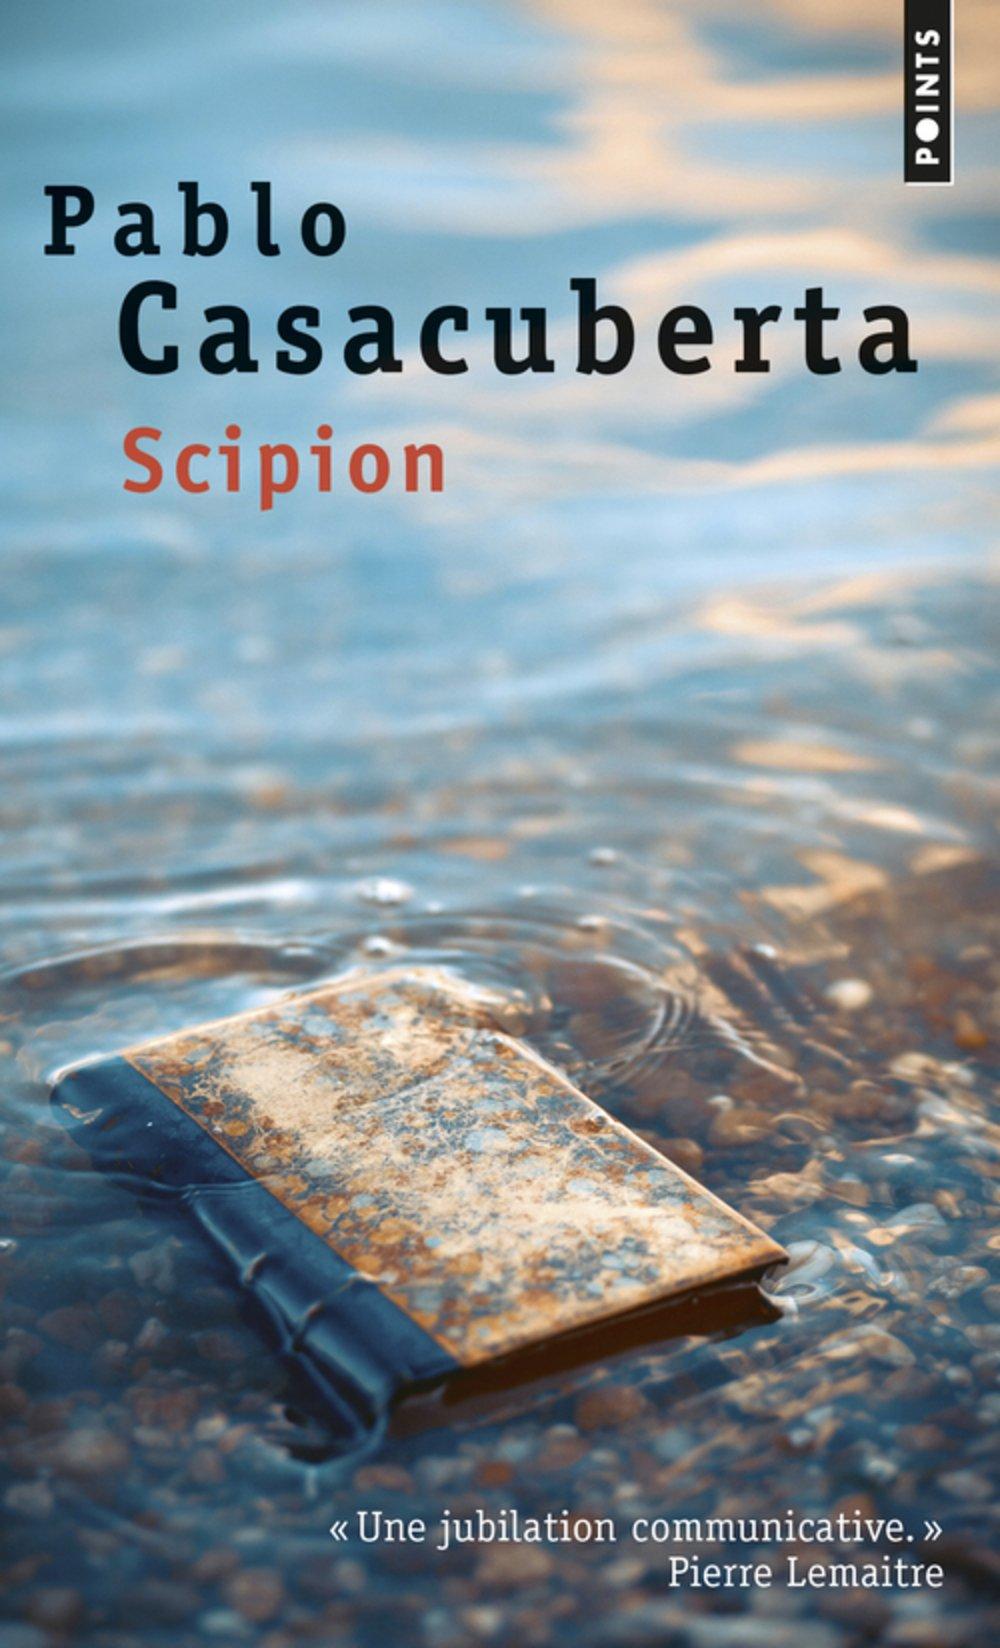 Scipion de Pablo Casacuberta